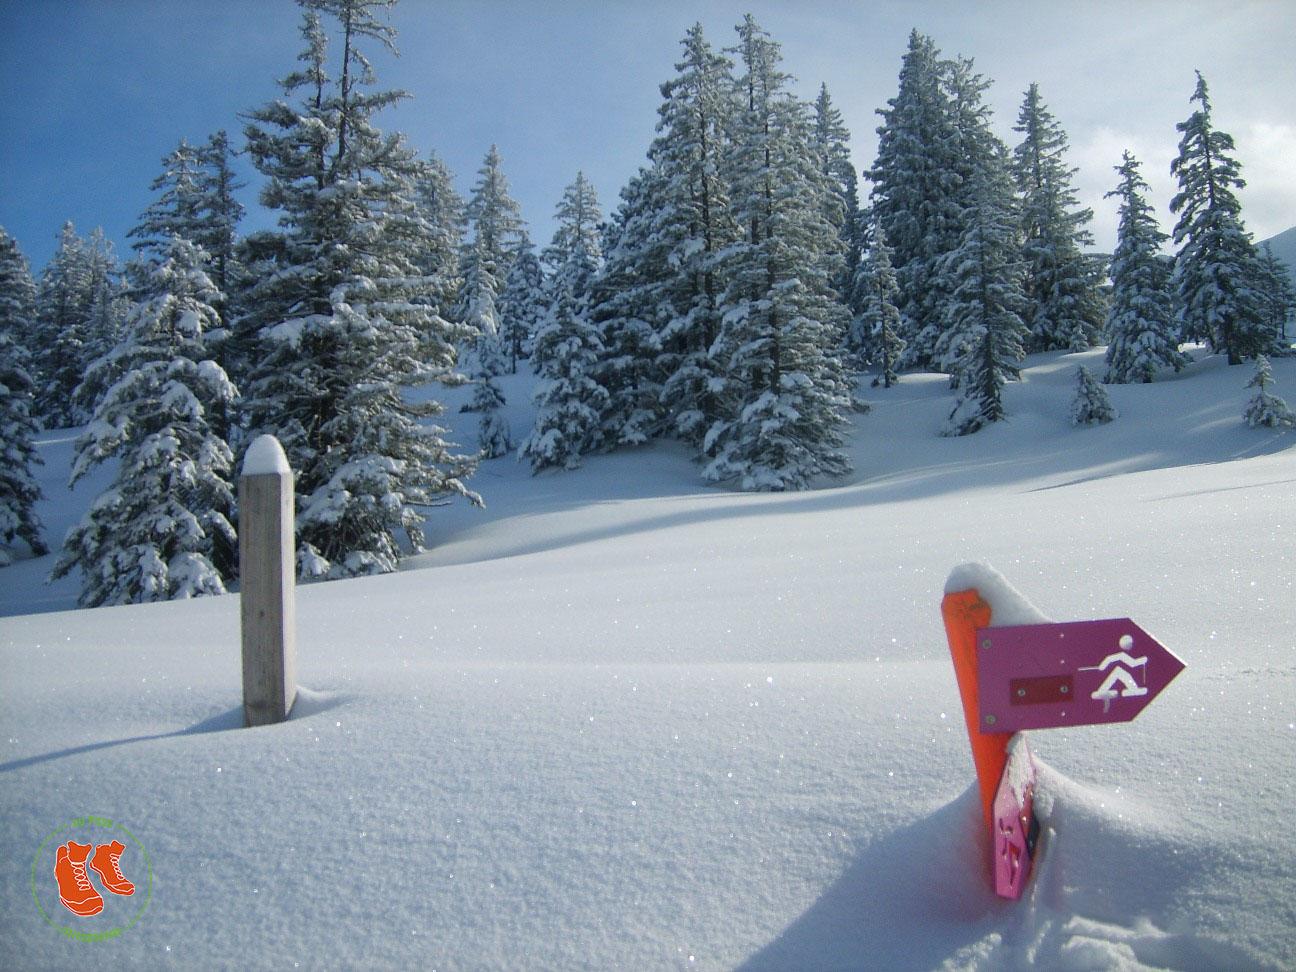 zuFussunterwegs: Eine Winterwanderung in frisch verschneiter Landschaft